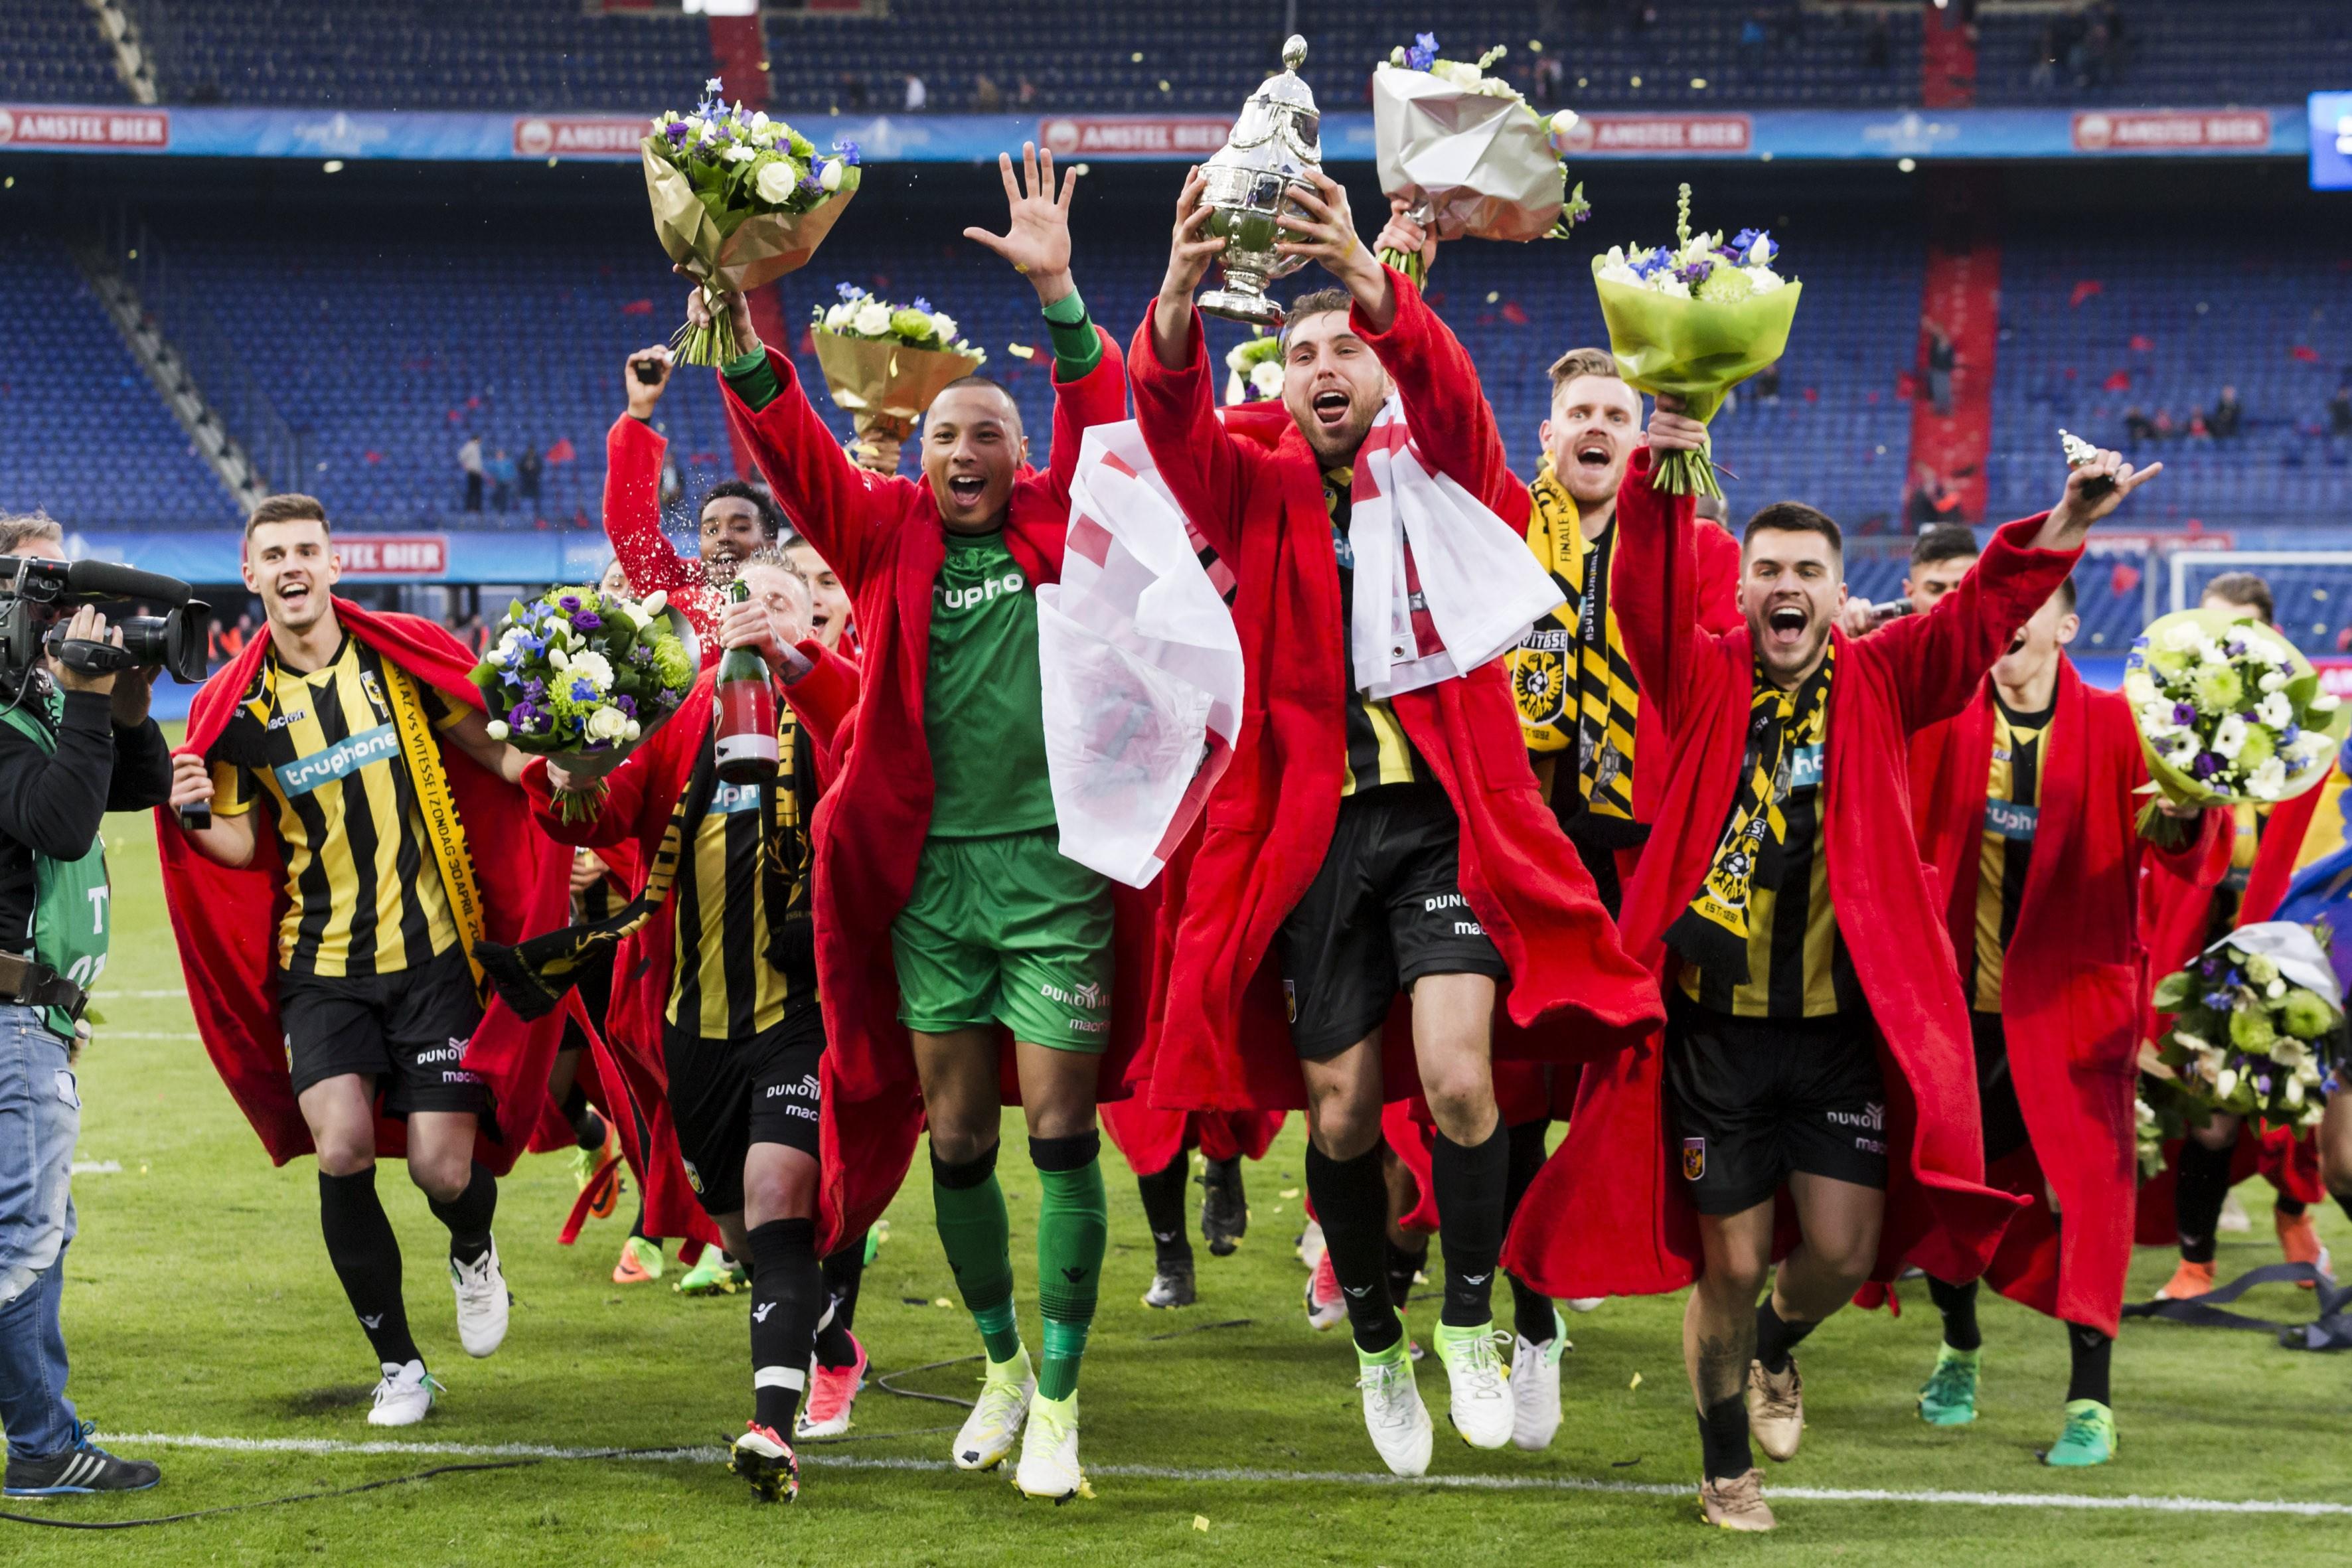 Huldiging bekerwinnaar Vitesse live op Omroep Gelderland